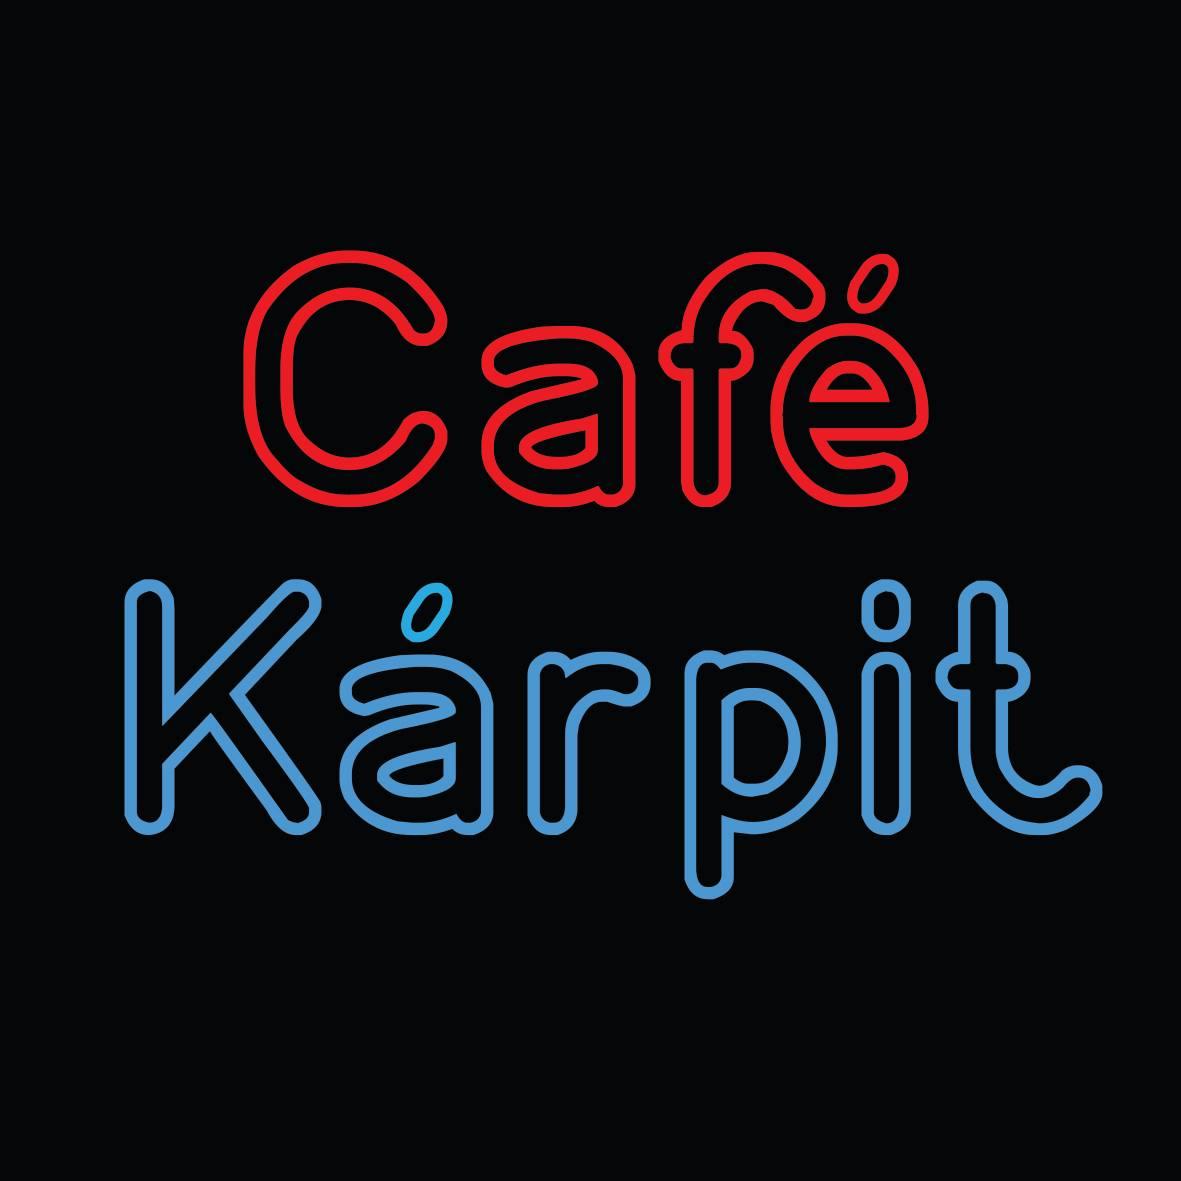 Kárpit Café